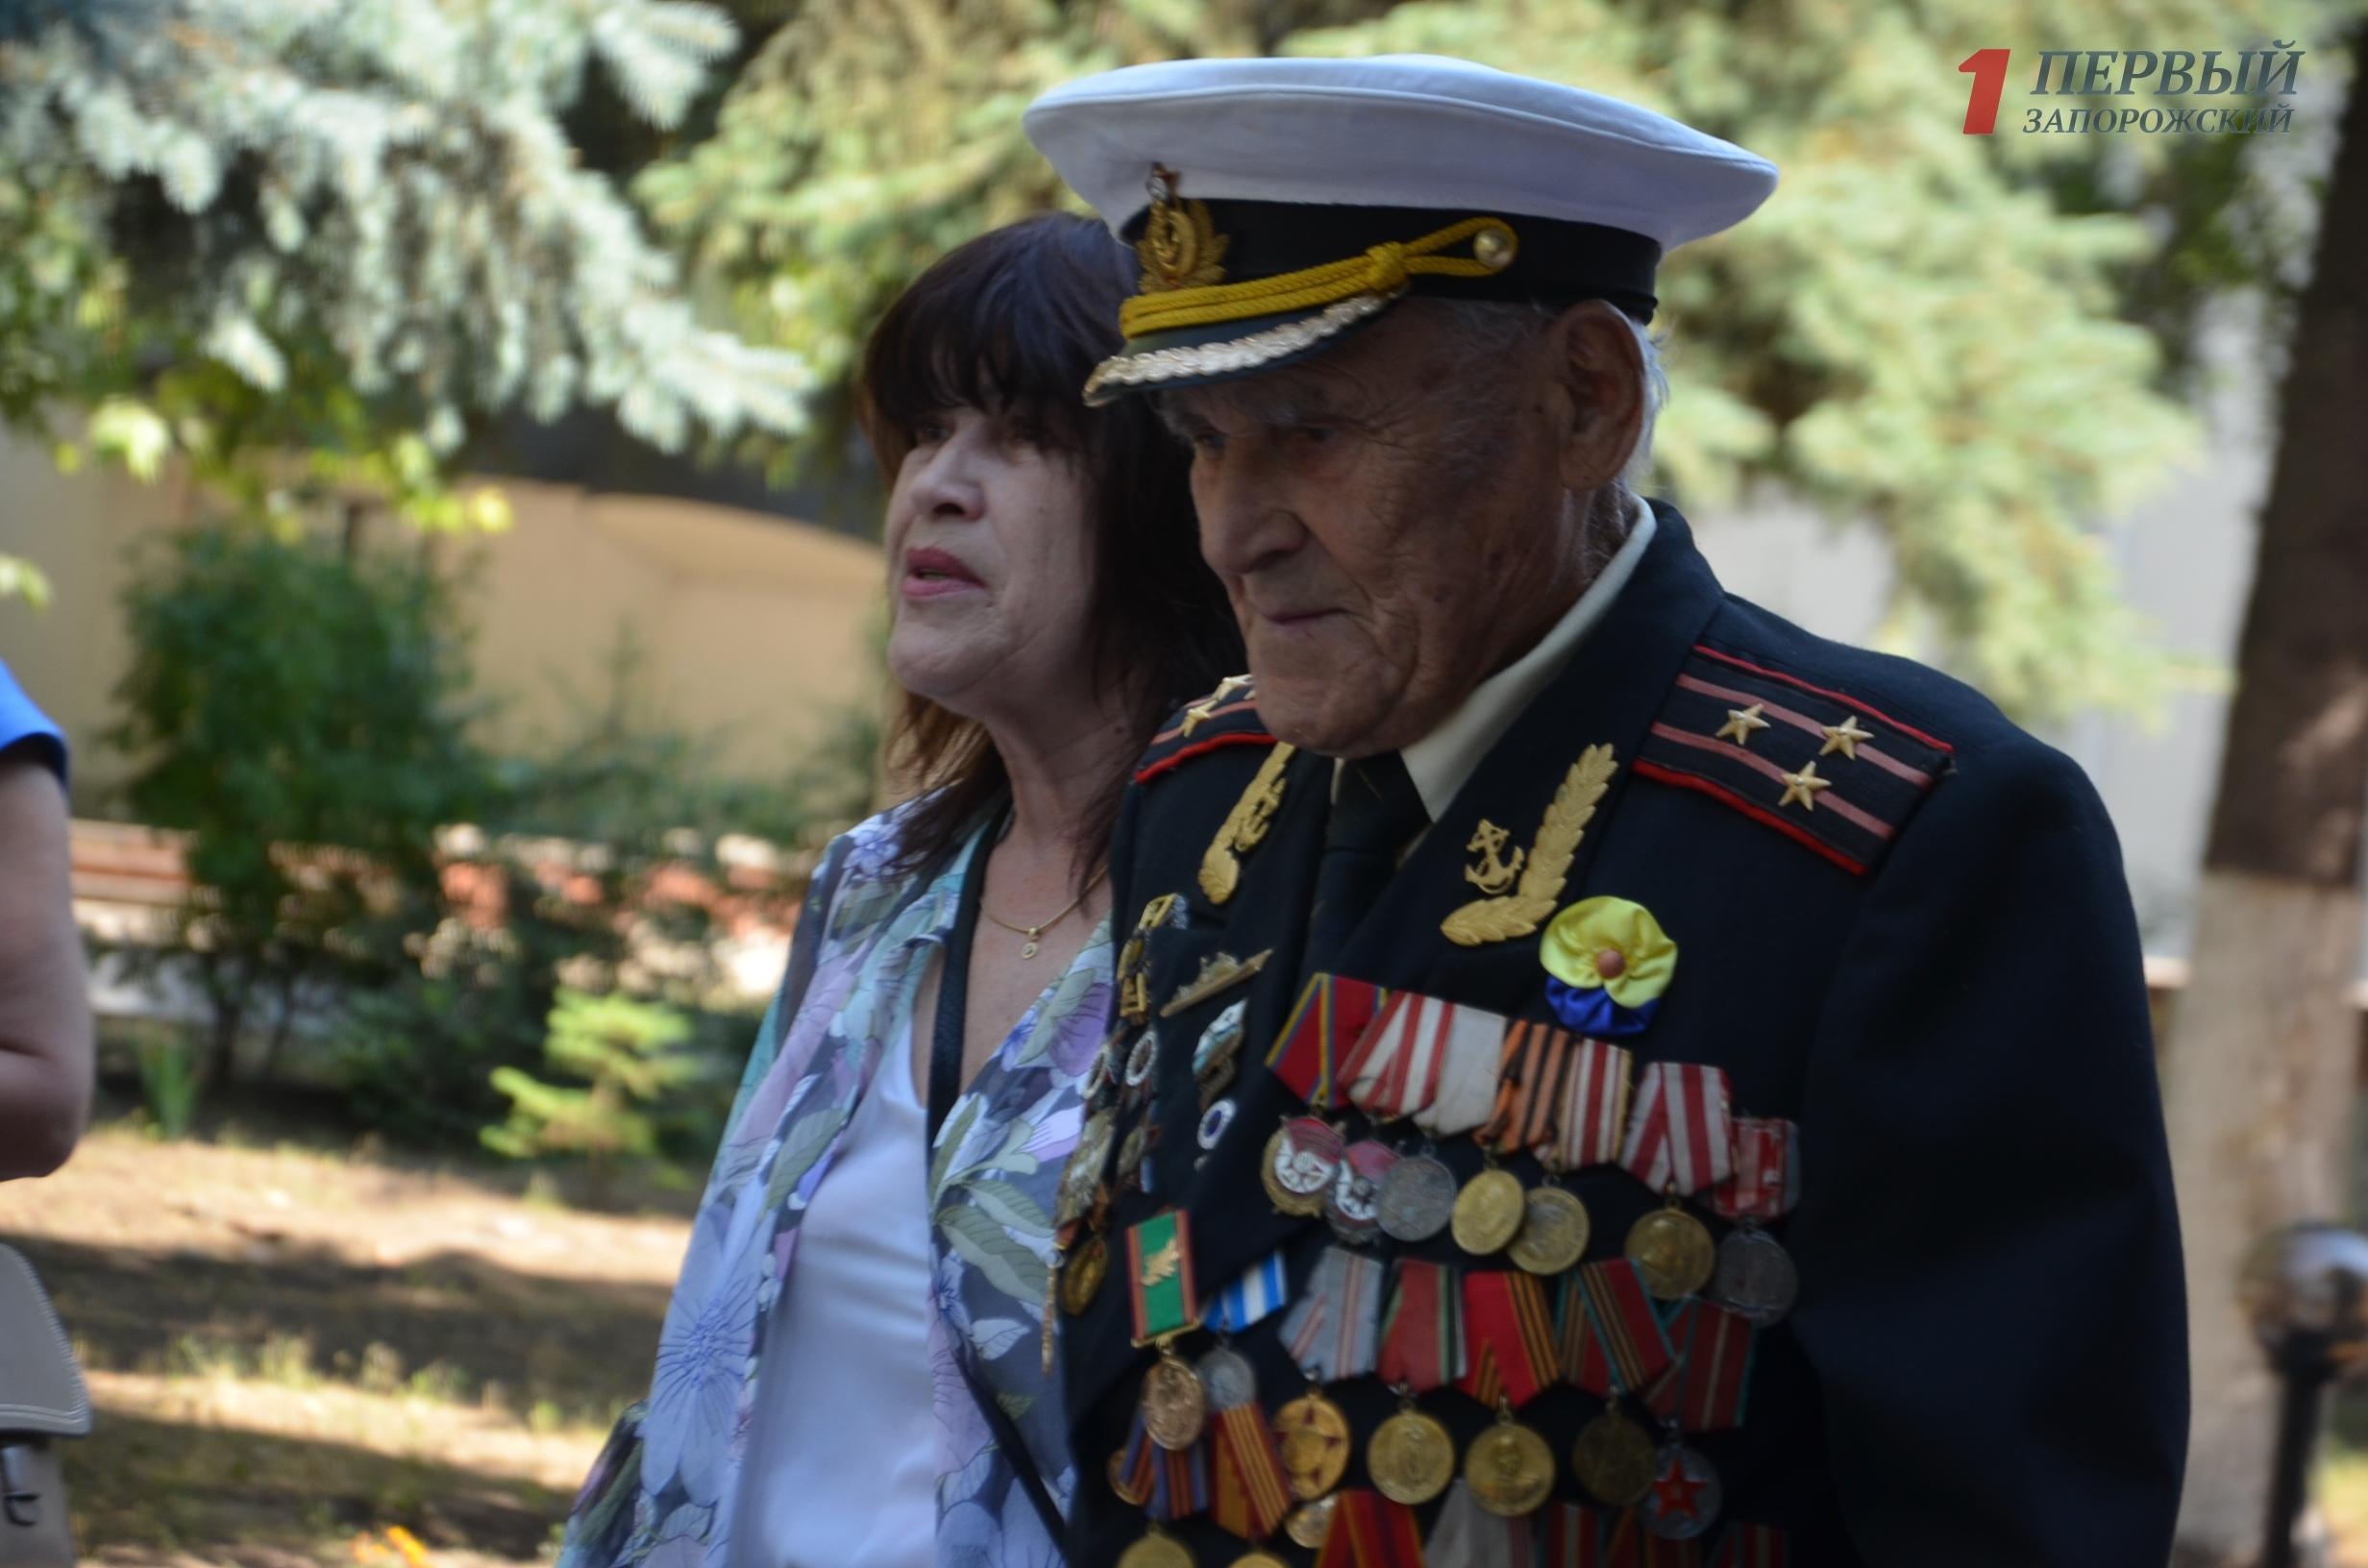 В Запорожье прибыл Зеленский, чтобы поздравить легендарного ветерана Ивана Залужного - ВИДЕО